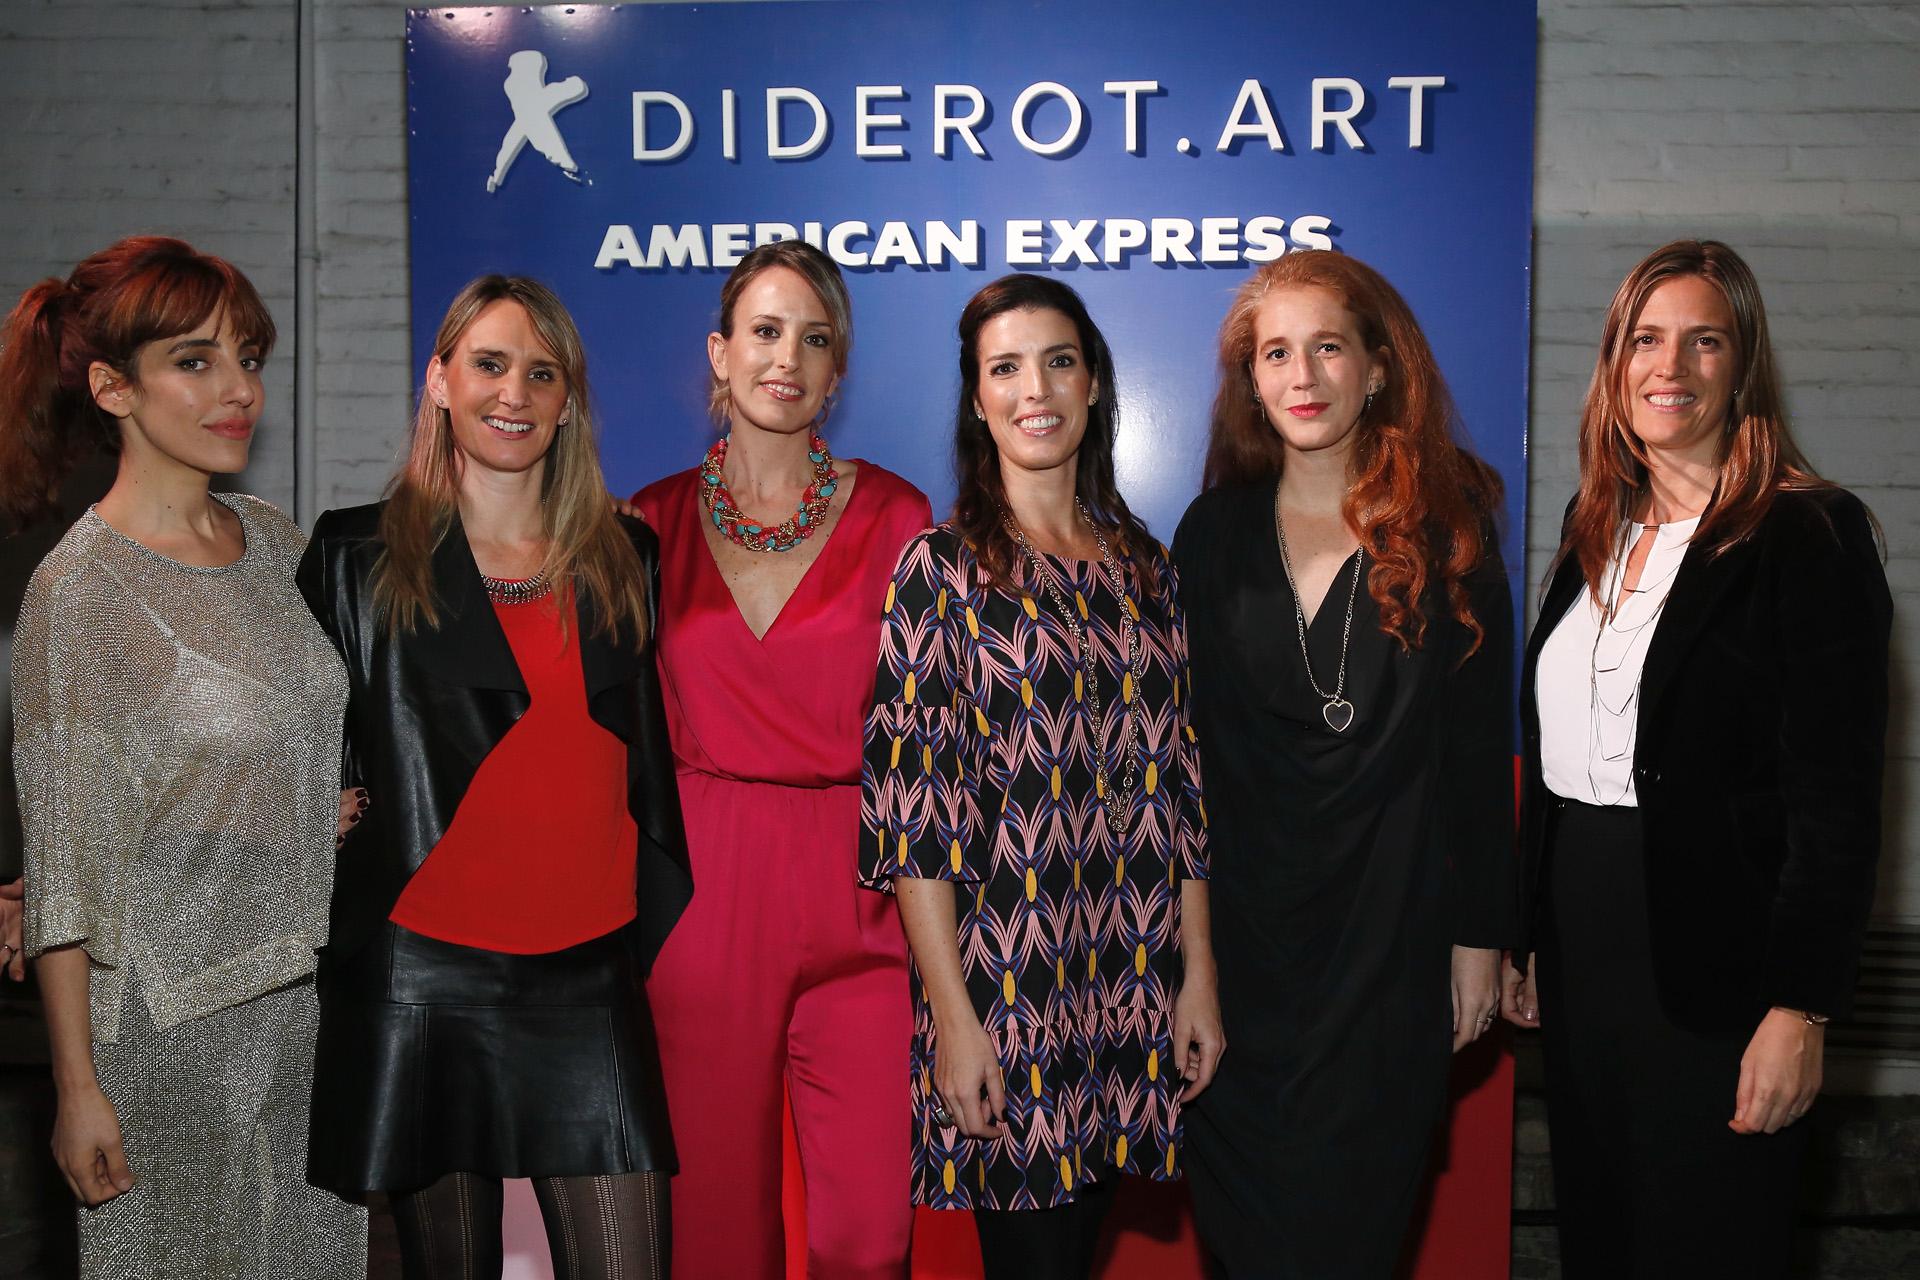 La actriz Paula Kohan junto a Evelin Thesing, gerente de Marketing de American Express; Lucrecia Cornejo y Angie Braun, fundadoras de Diderot.Art; Estefanía Jaugust, curadora de Diderot.Art; y Mariana Cavalli, directora de Producto de American Express